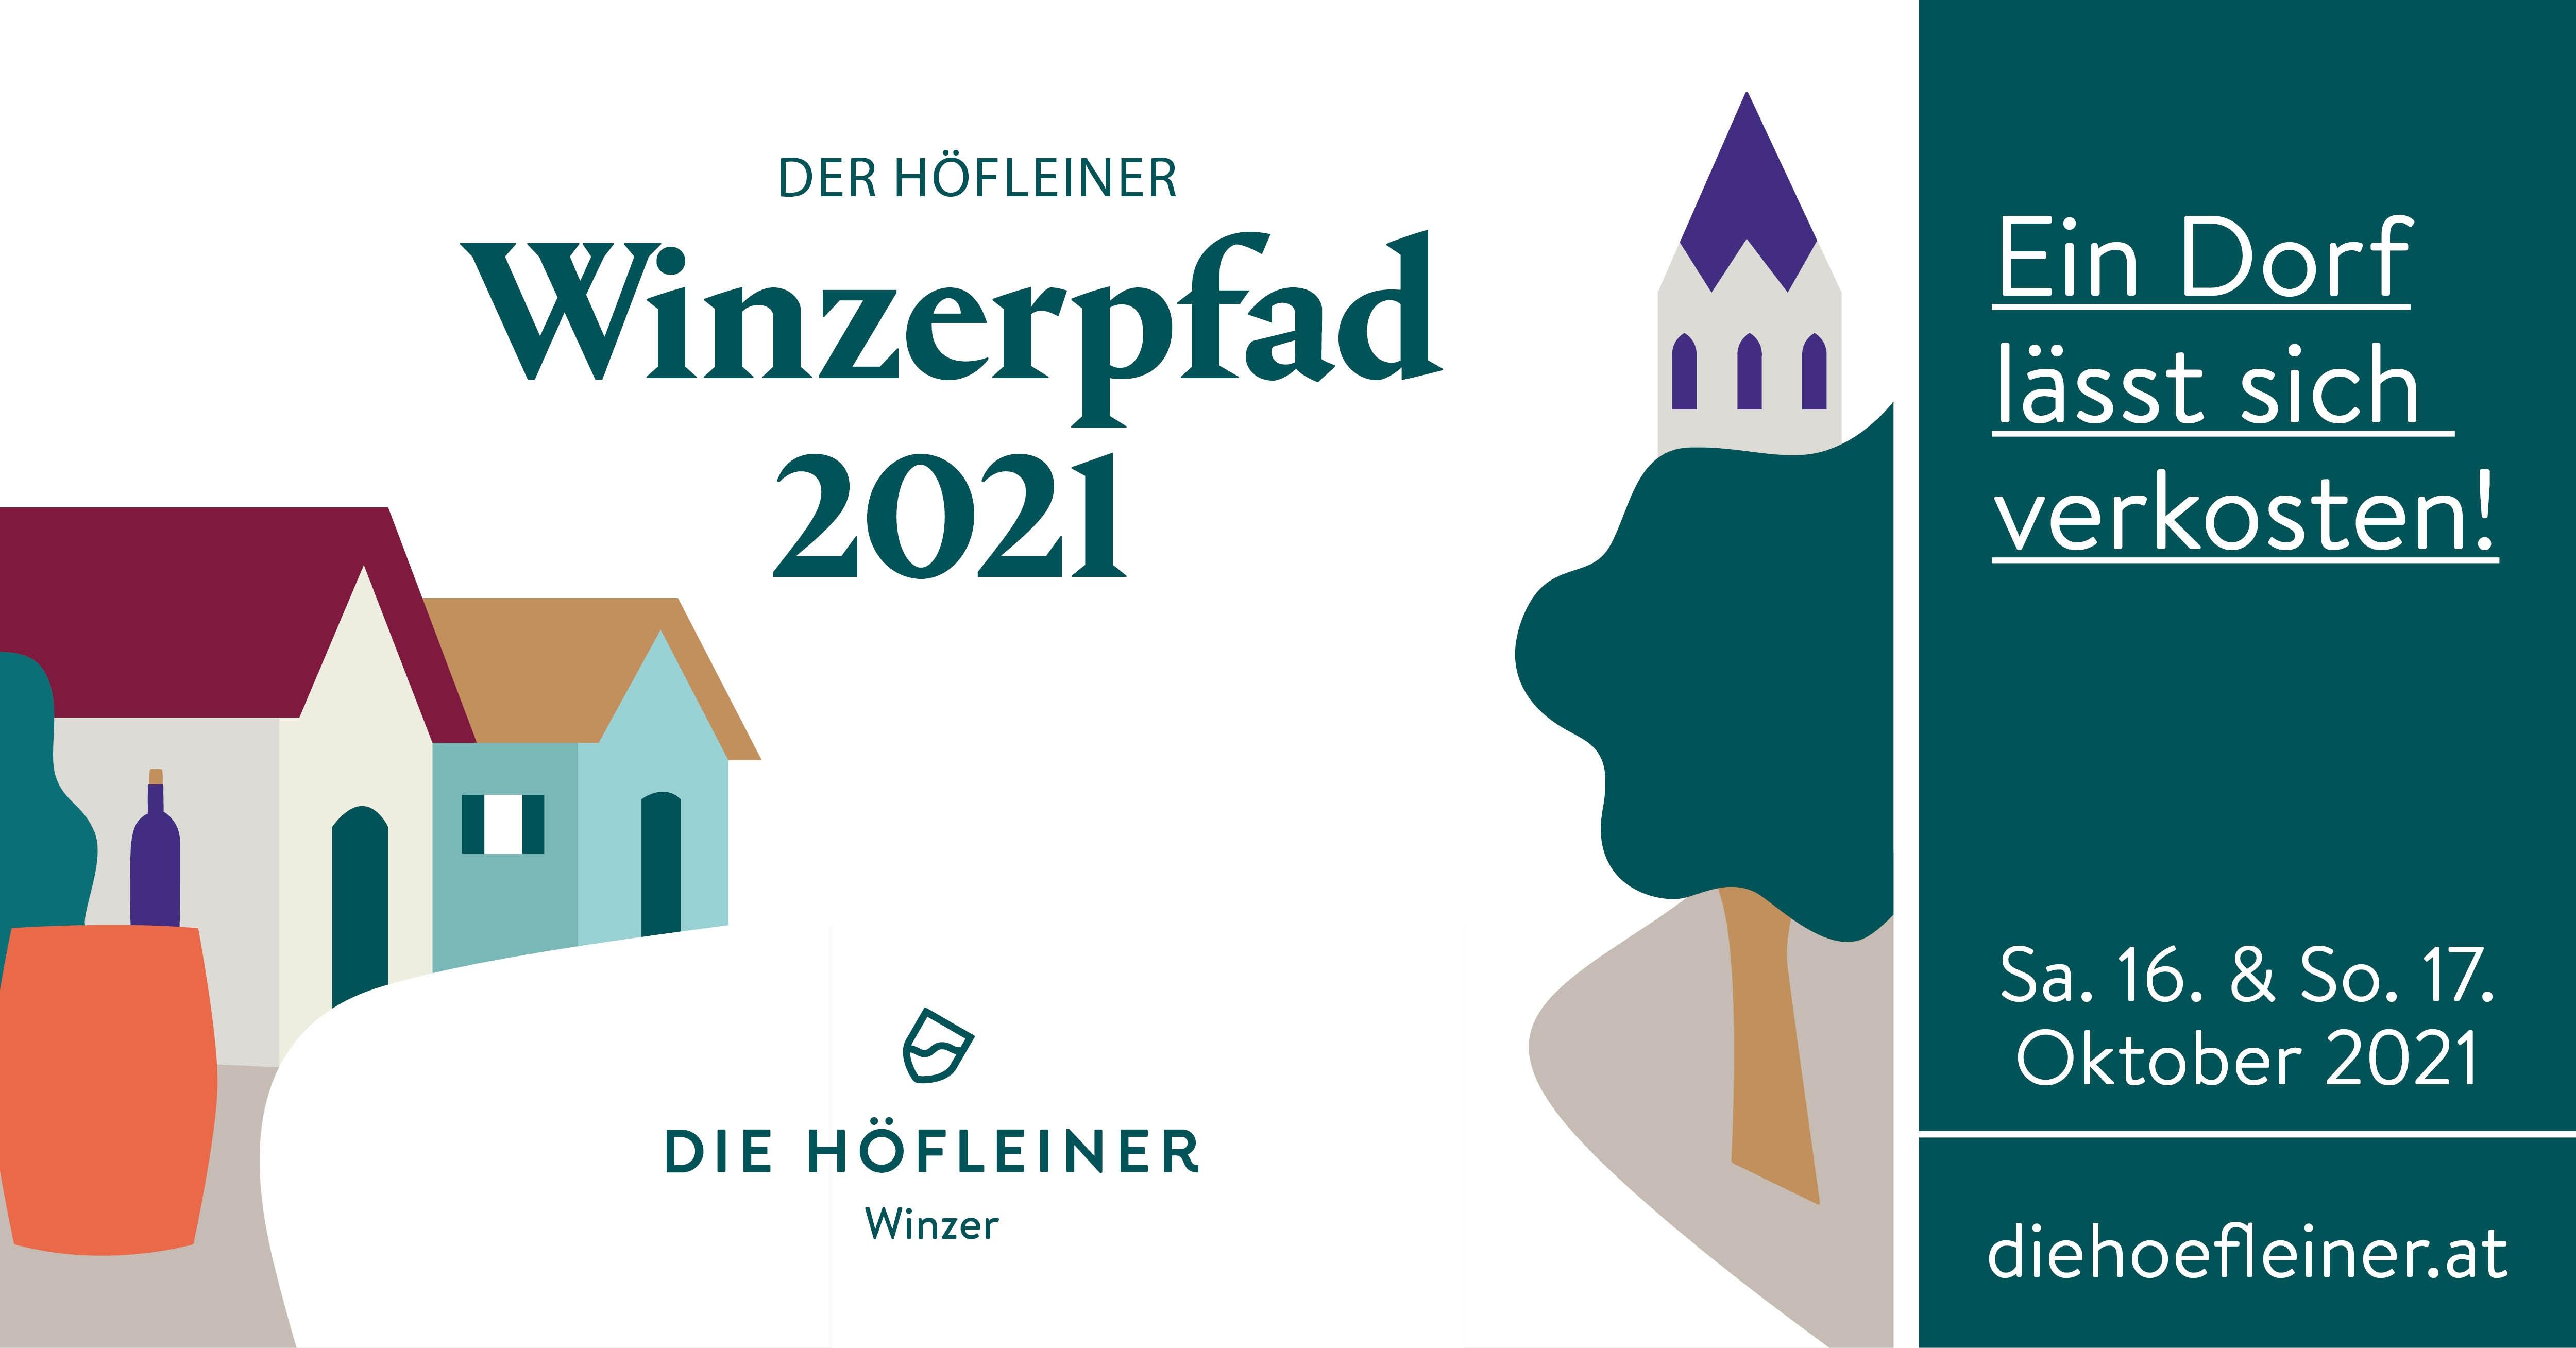 Winzerpfad 2021 FB Veranstaltungsbild